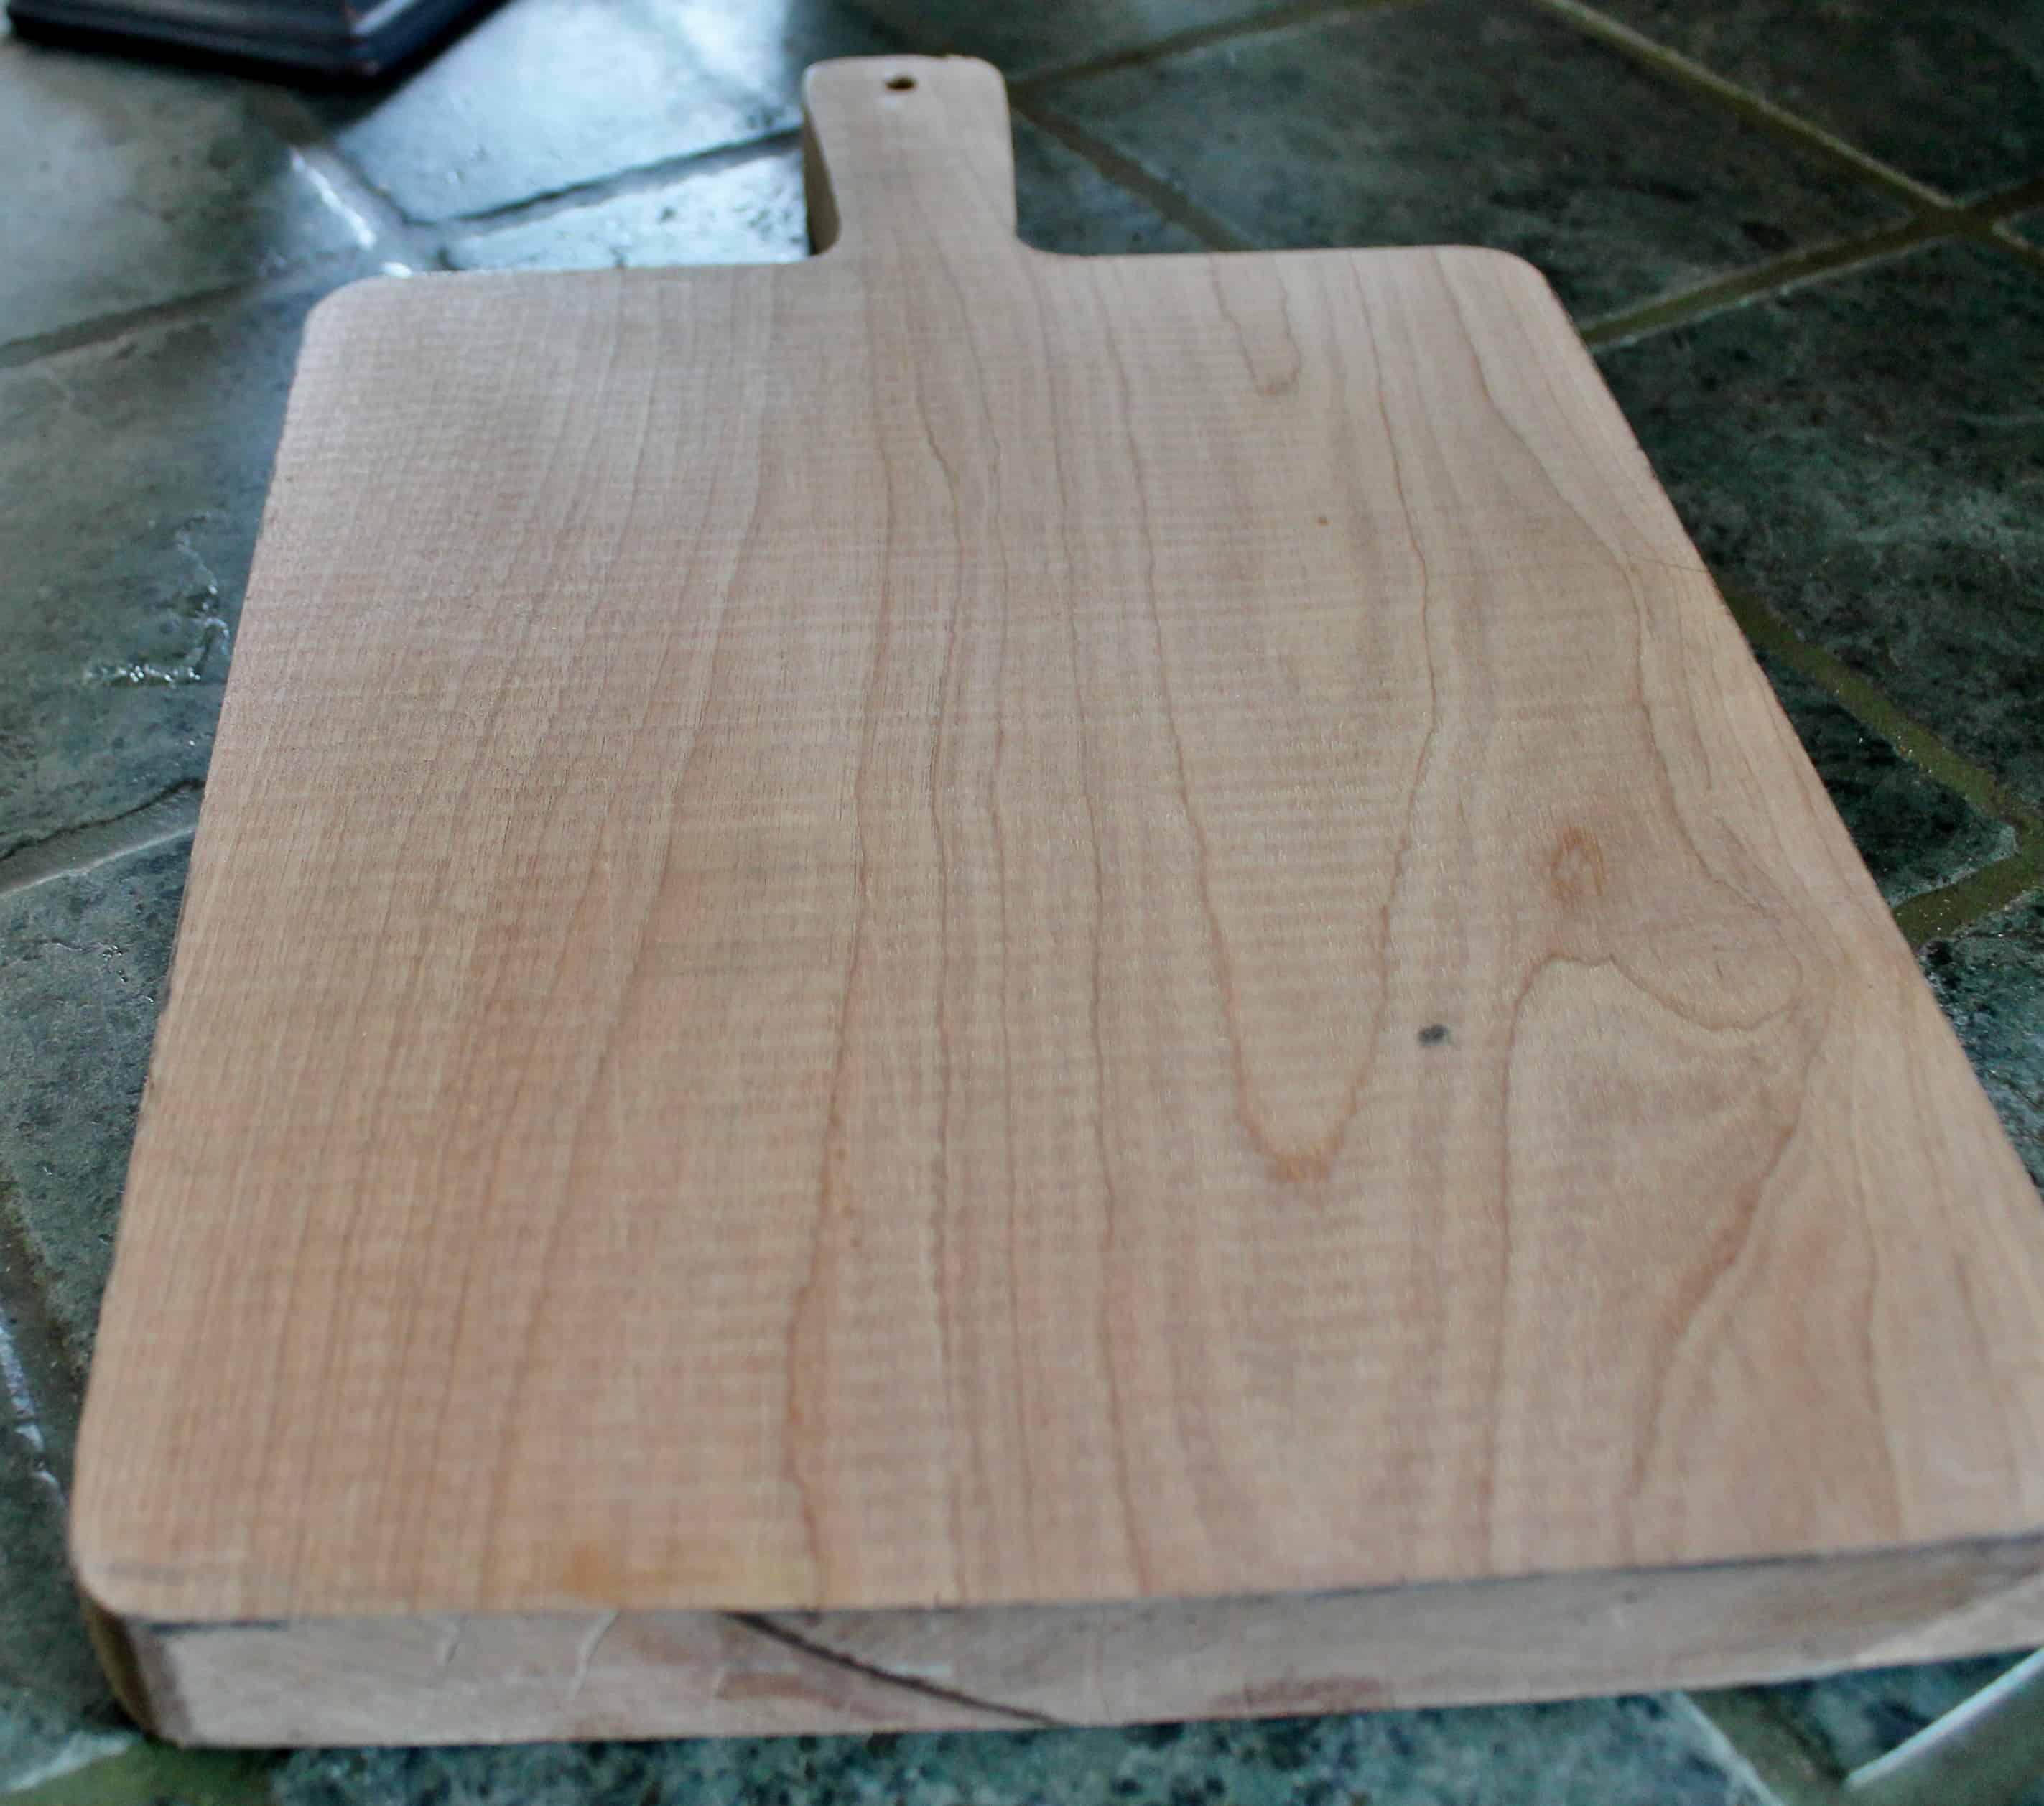 Unseasoned cutting board